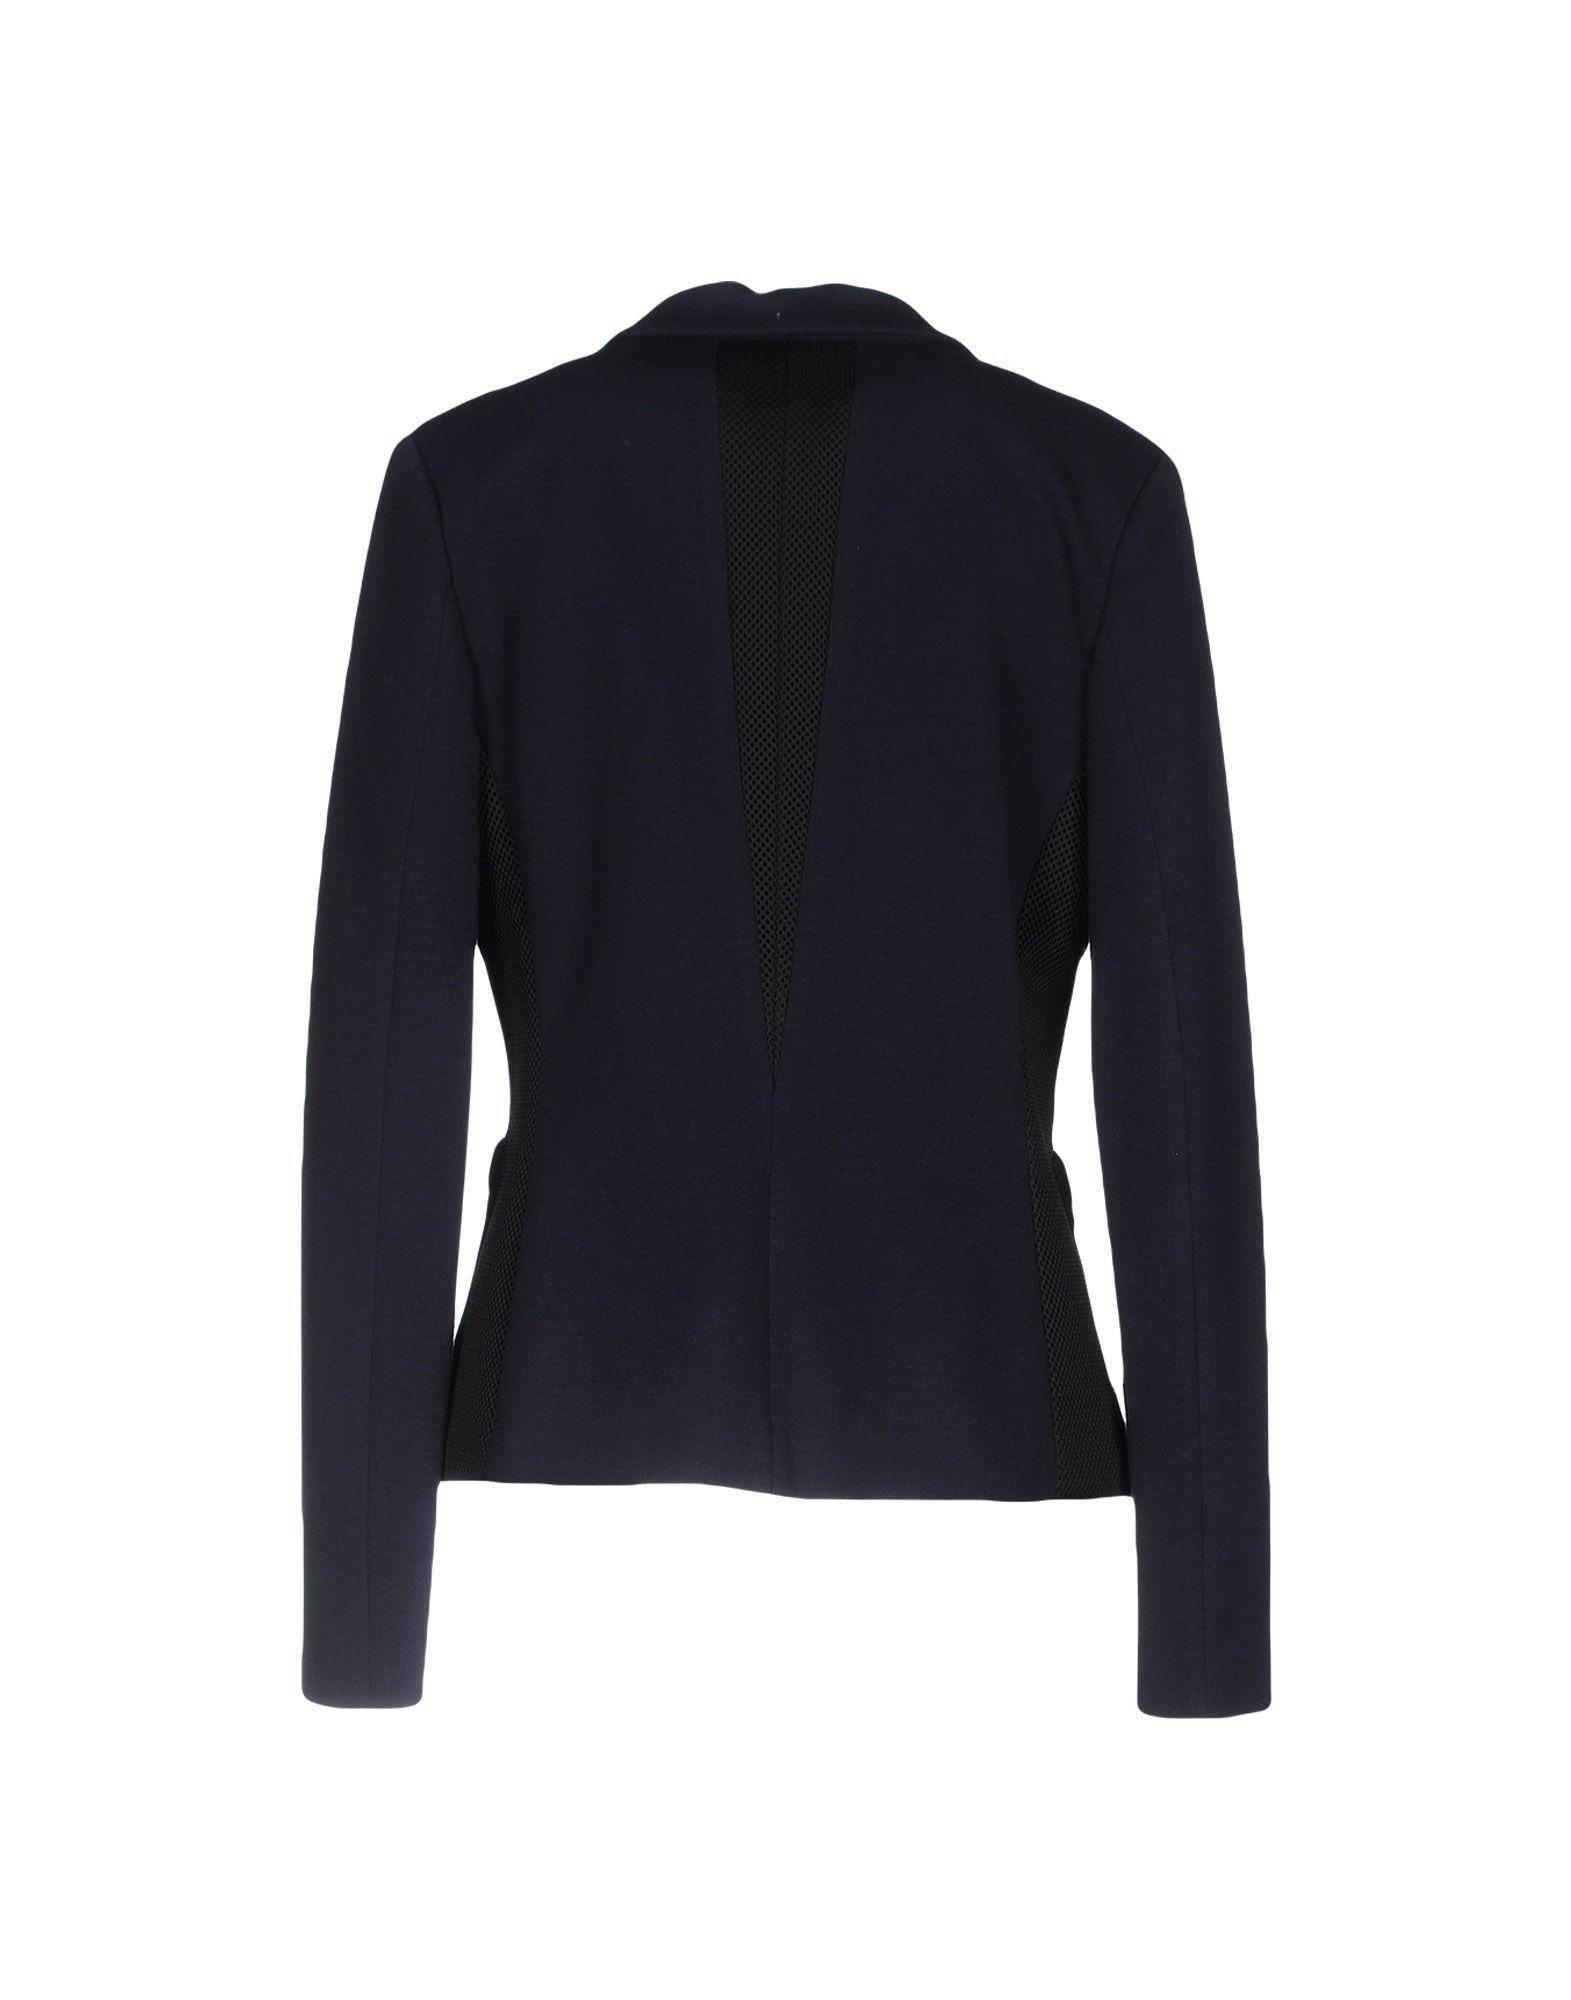 Marani Jeans Synthetic Blazer in Dark Blue (Blue)